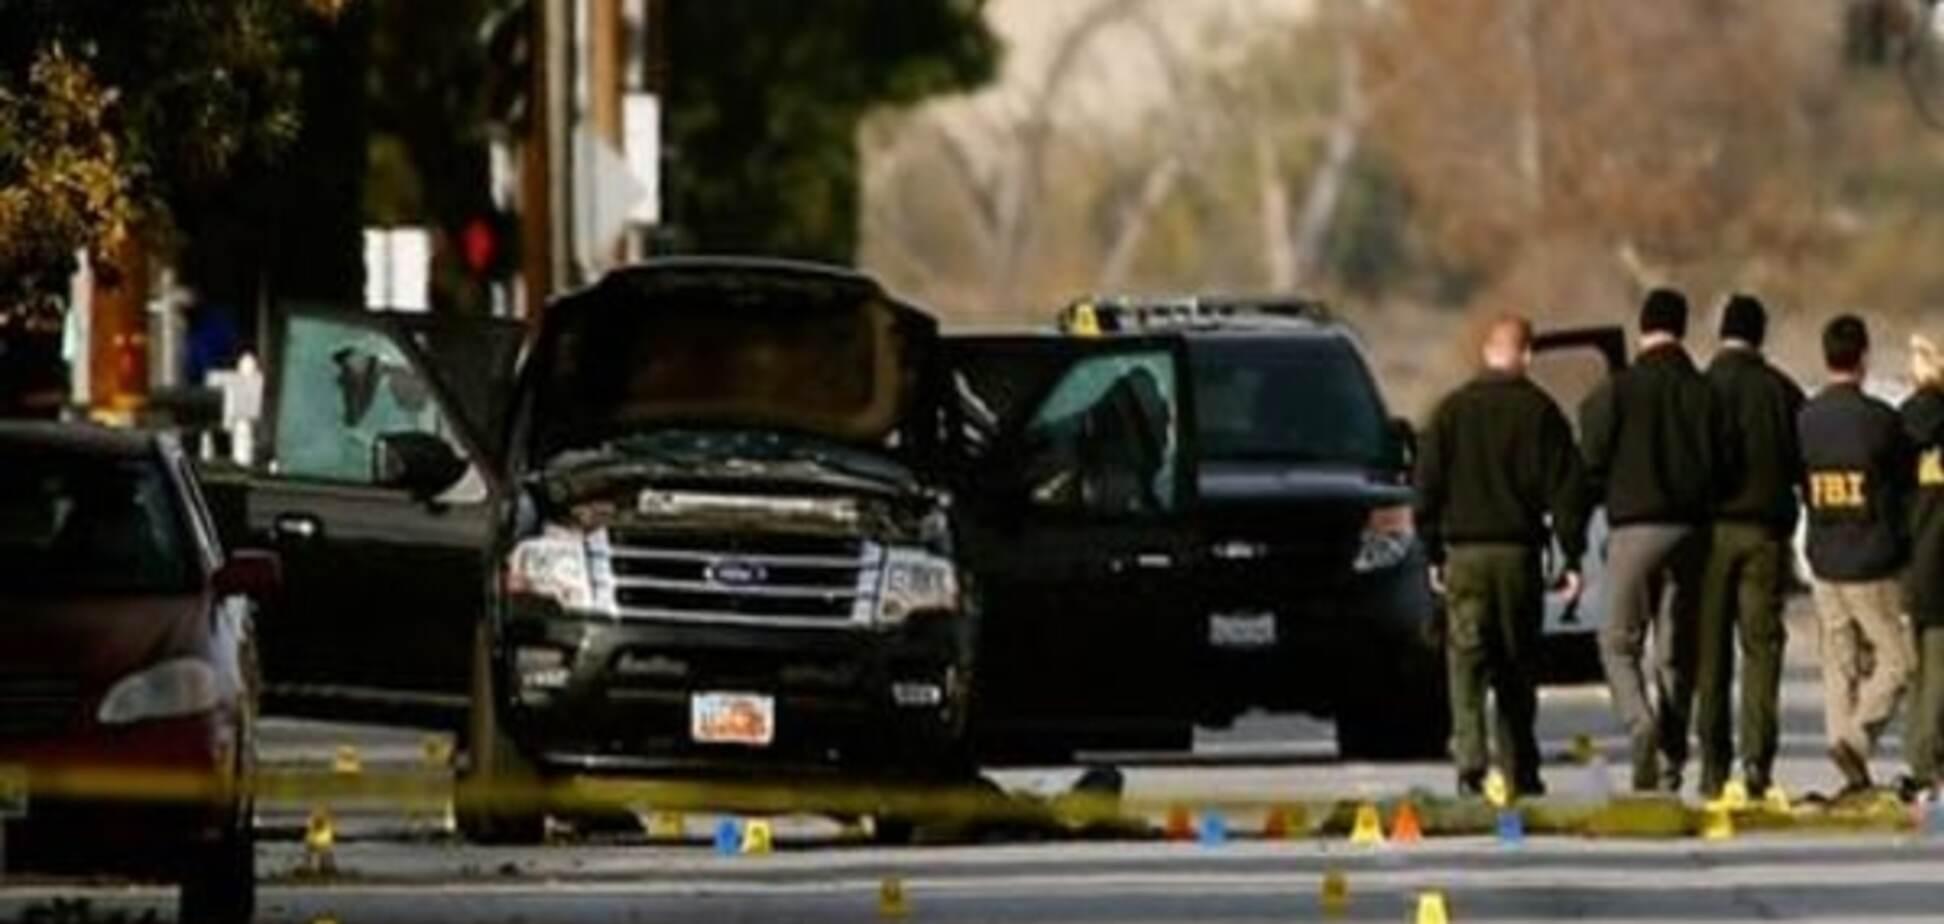 ФБР кваліфікувало стрілянину в Каліфорнії як теракт